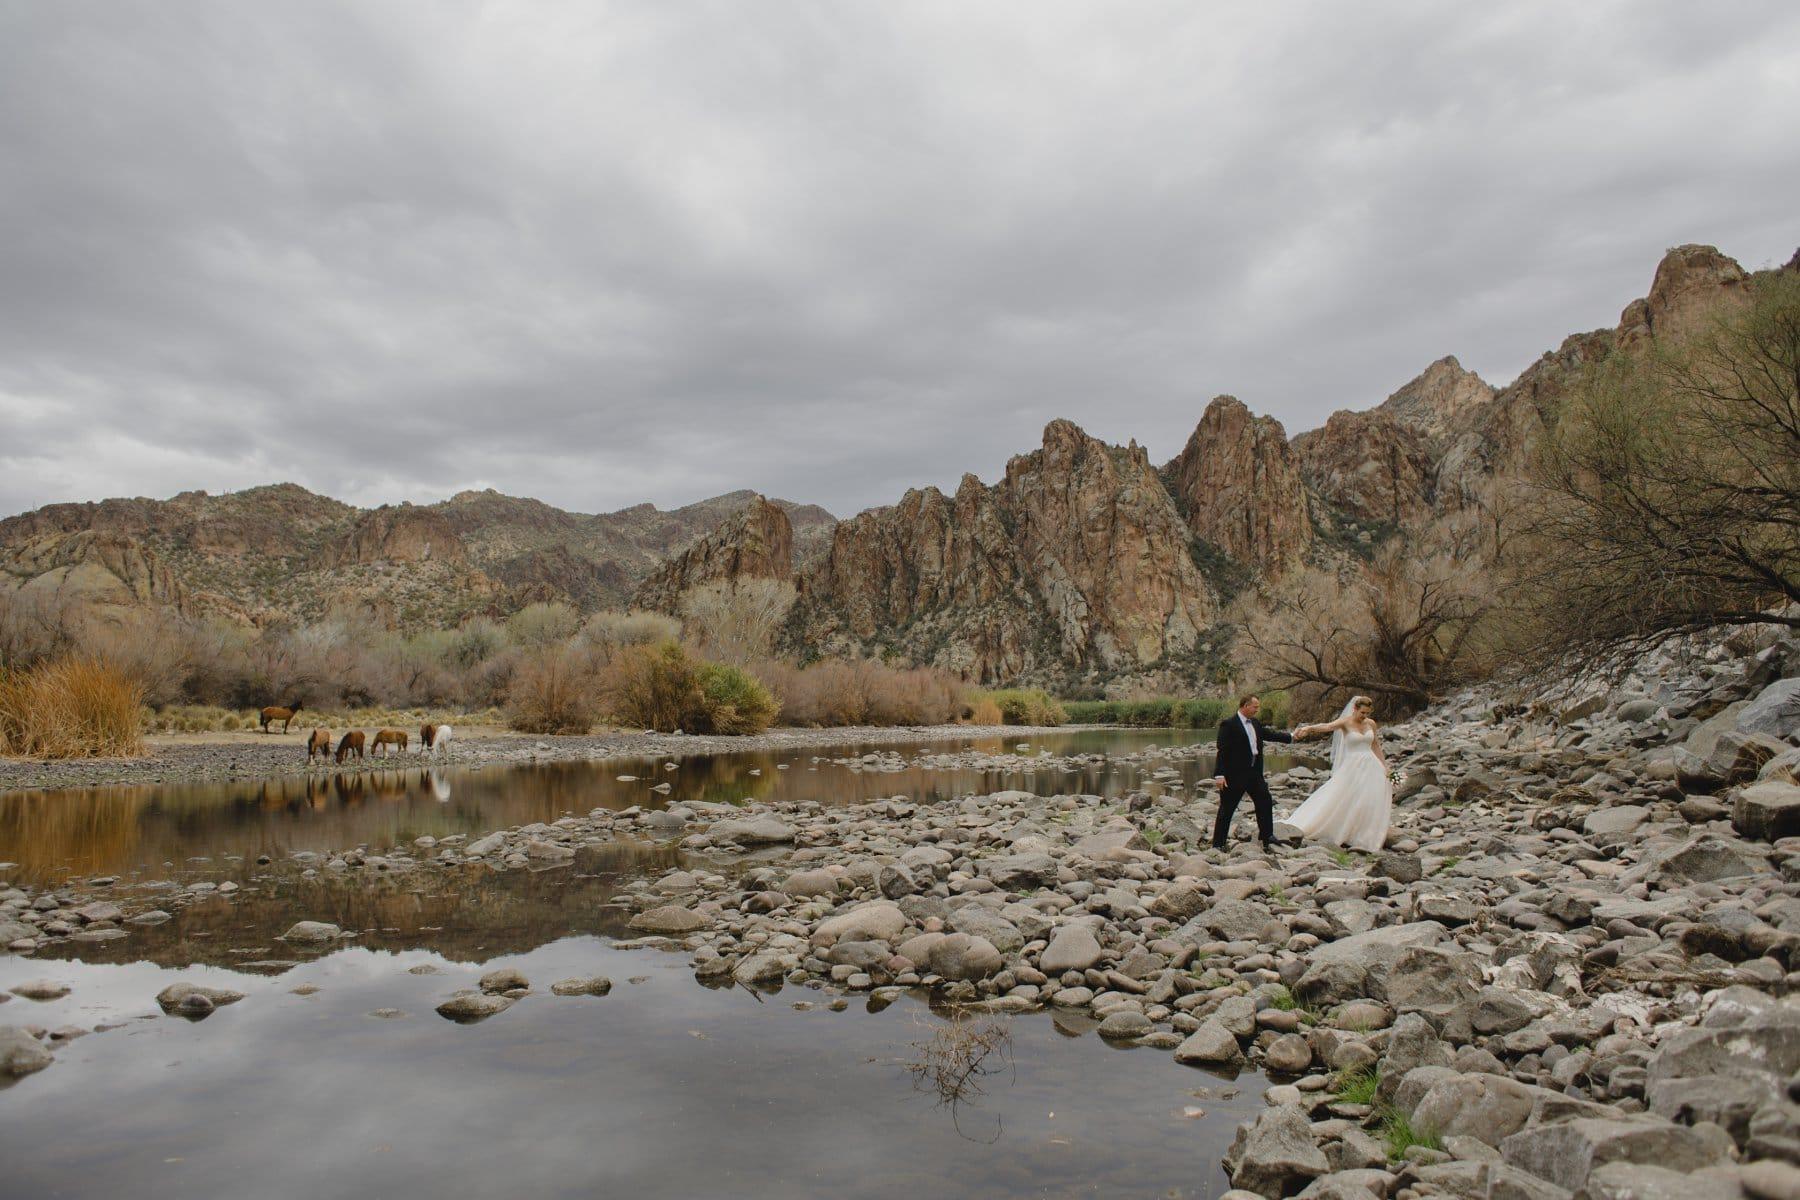 wedding on cloudy dat at Saguaro Lake Ranch